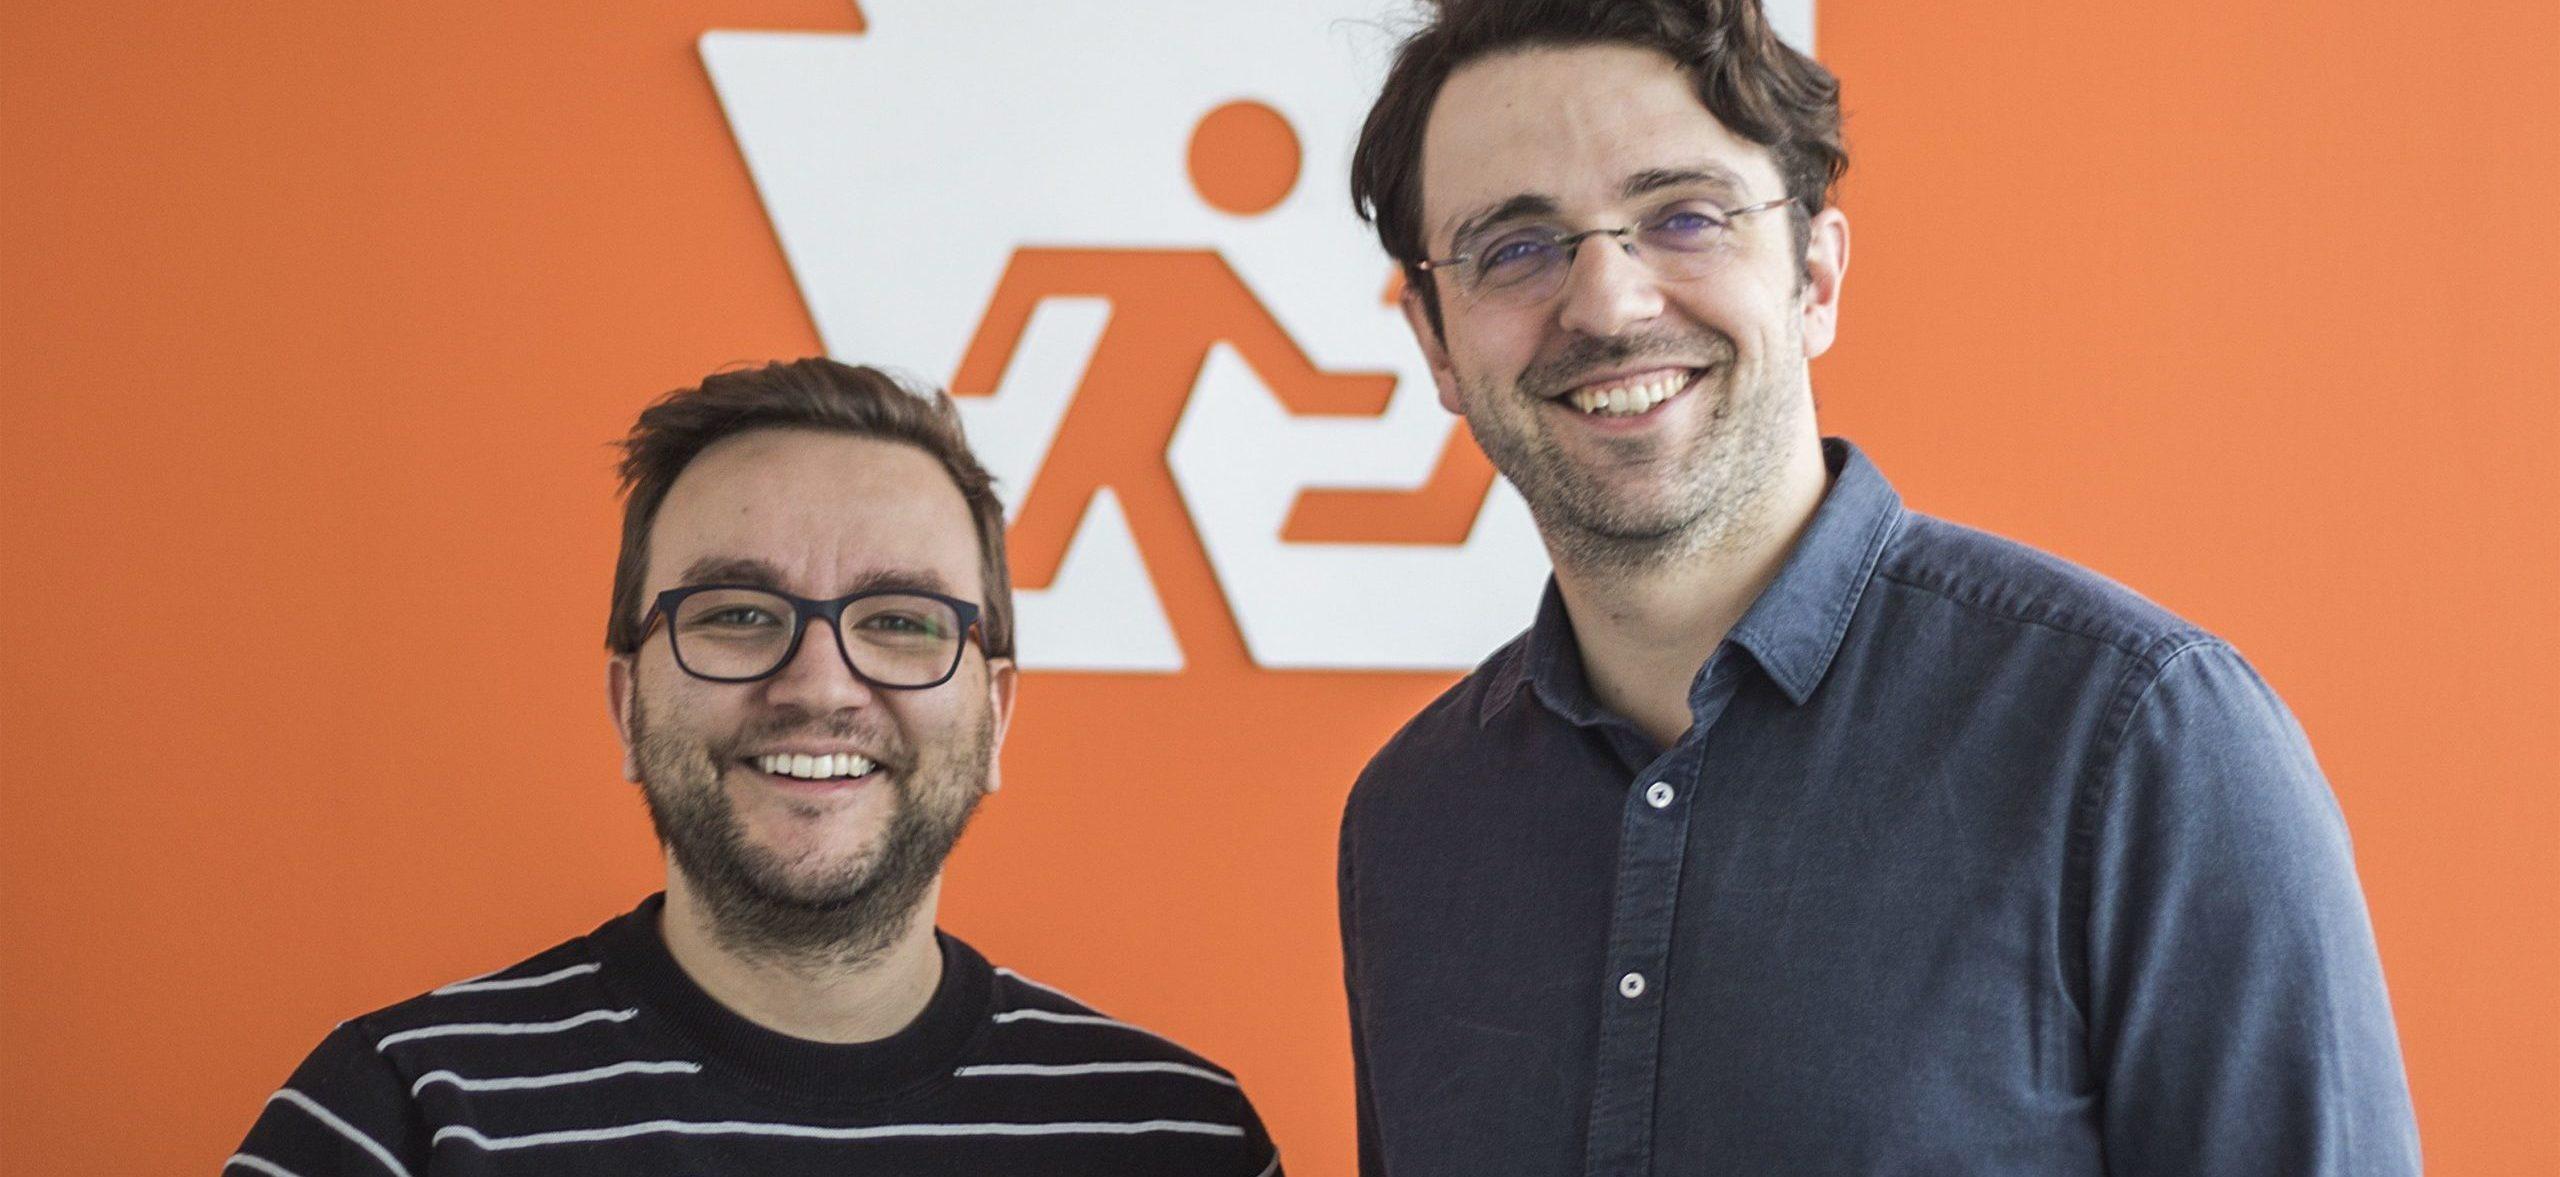 Jose Teixeira и Damien Monnier, бывшие разработчики The Witcher 3 и Dying Light 2, открыли студию Exit Plan Games и получили инвестиции